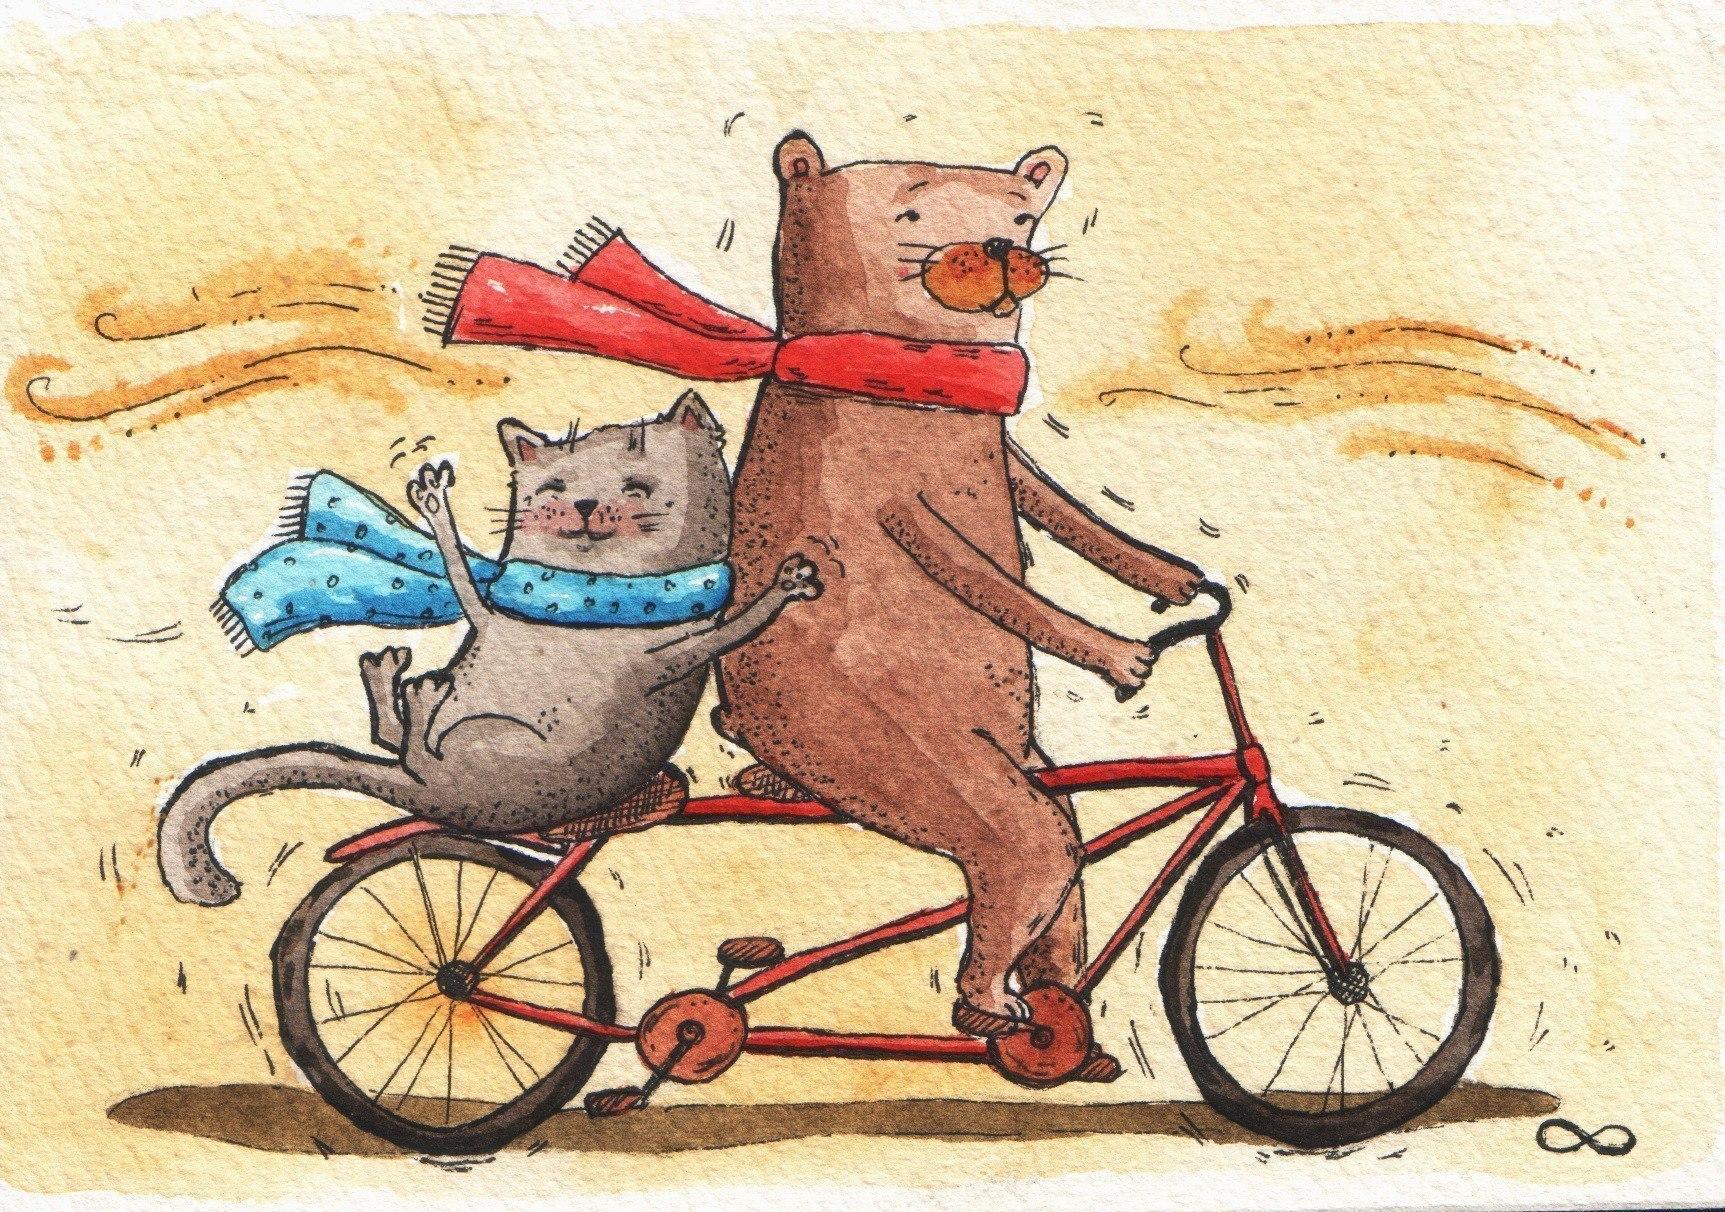 является медведь на велосипеде картинка балует его, подпевает